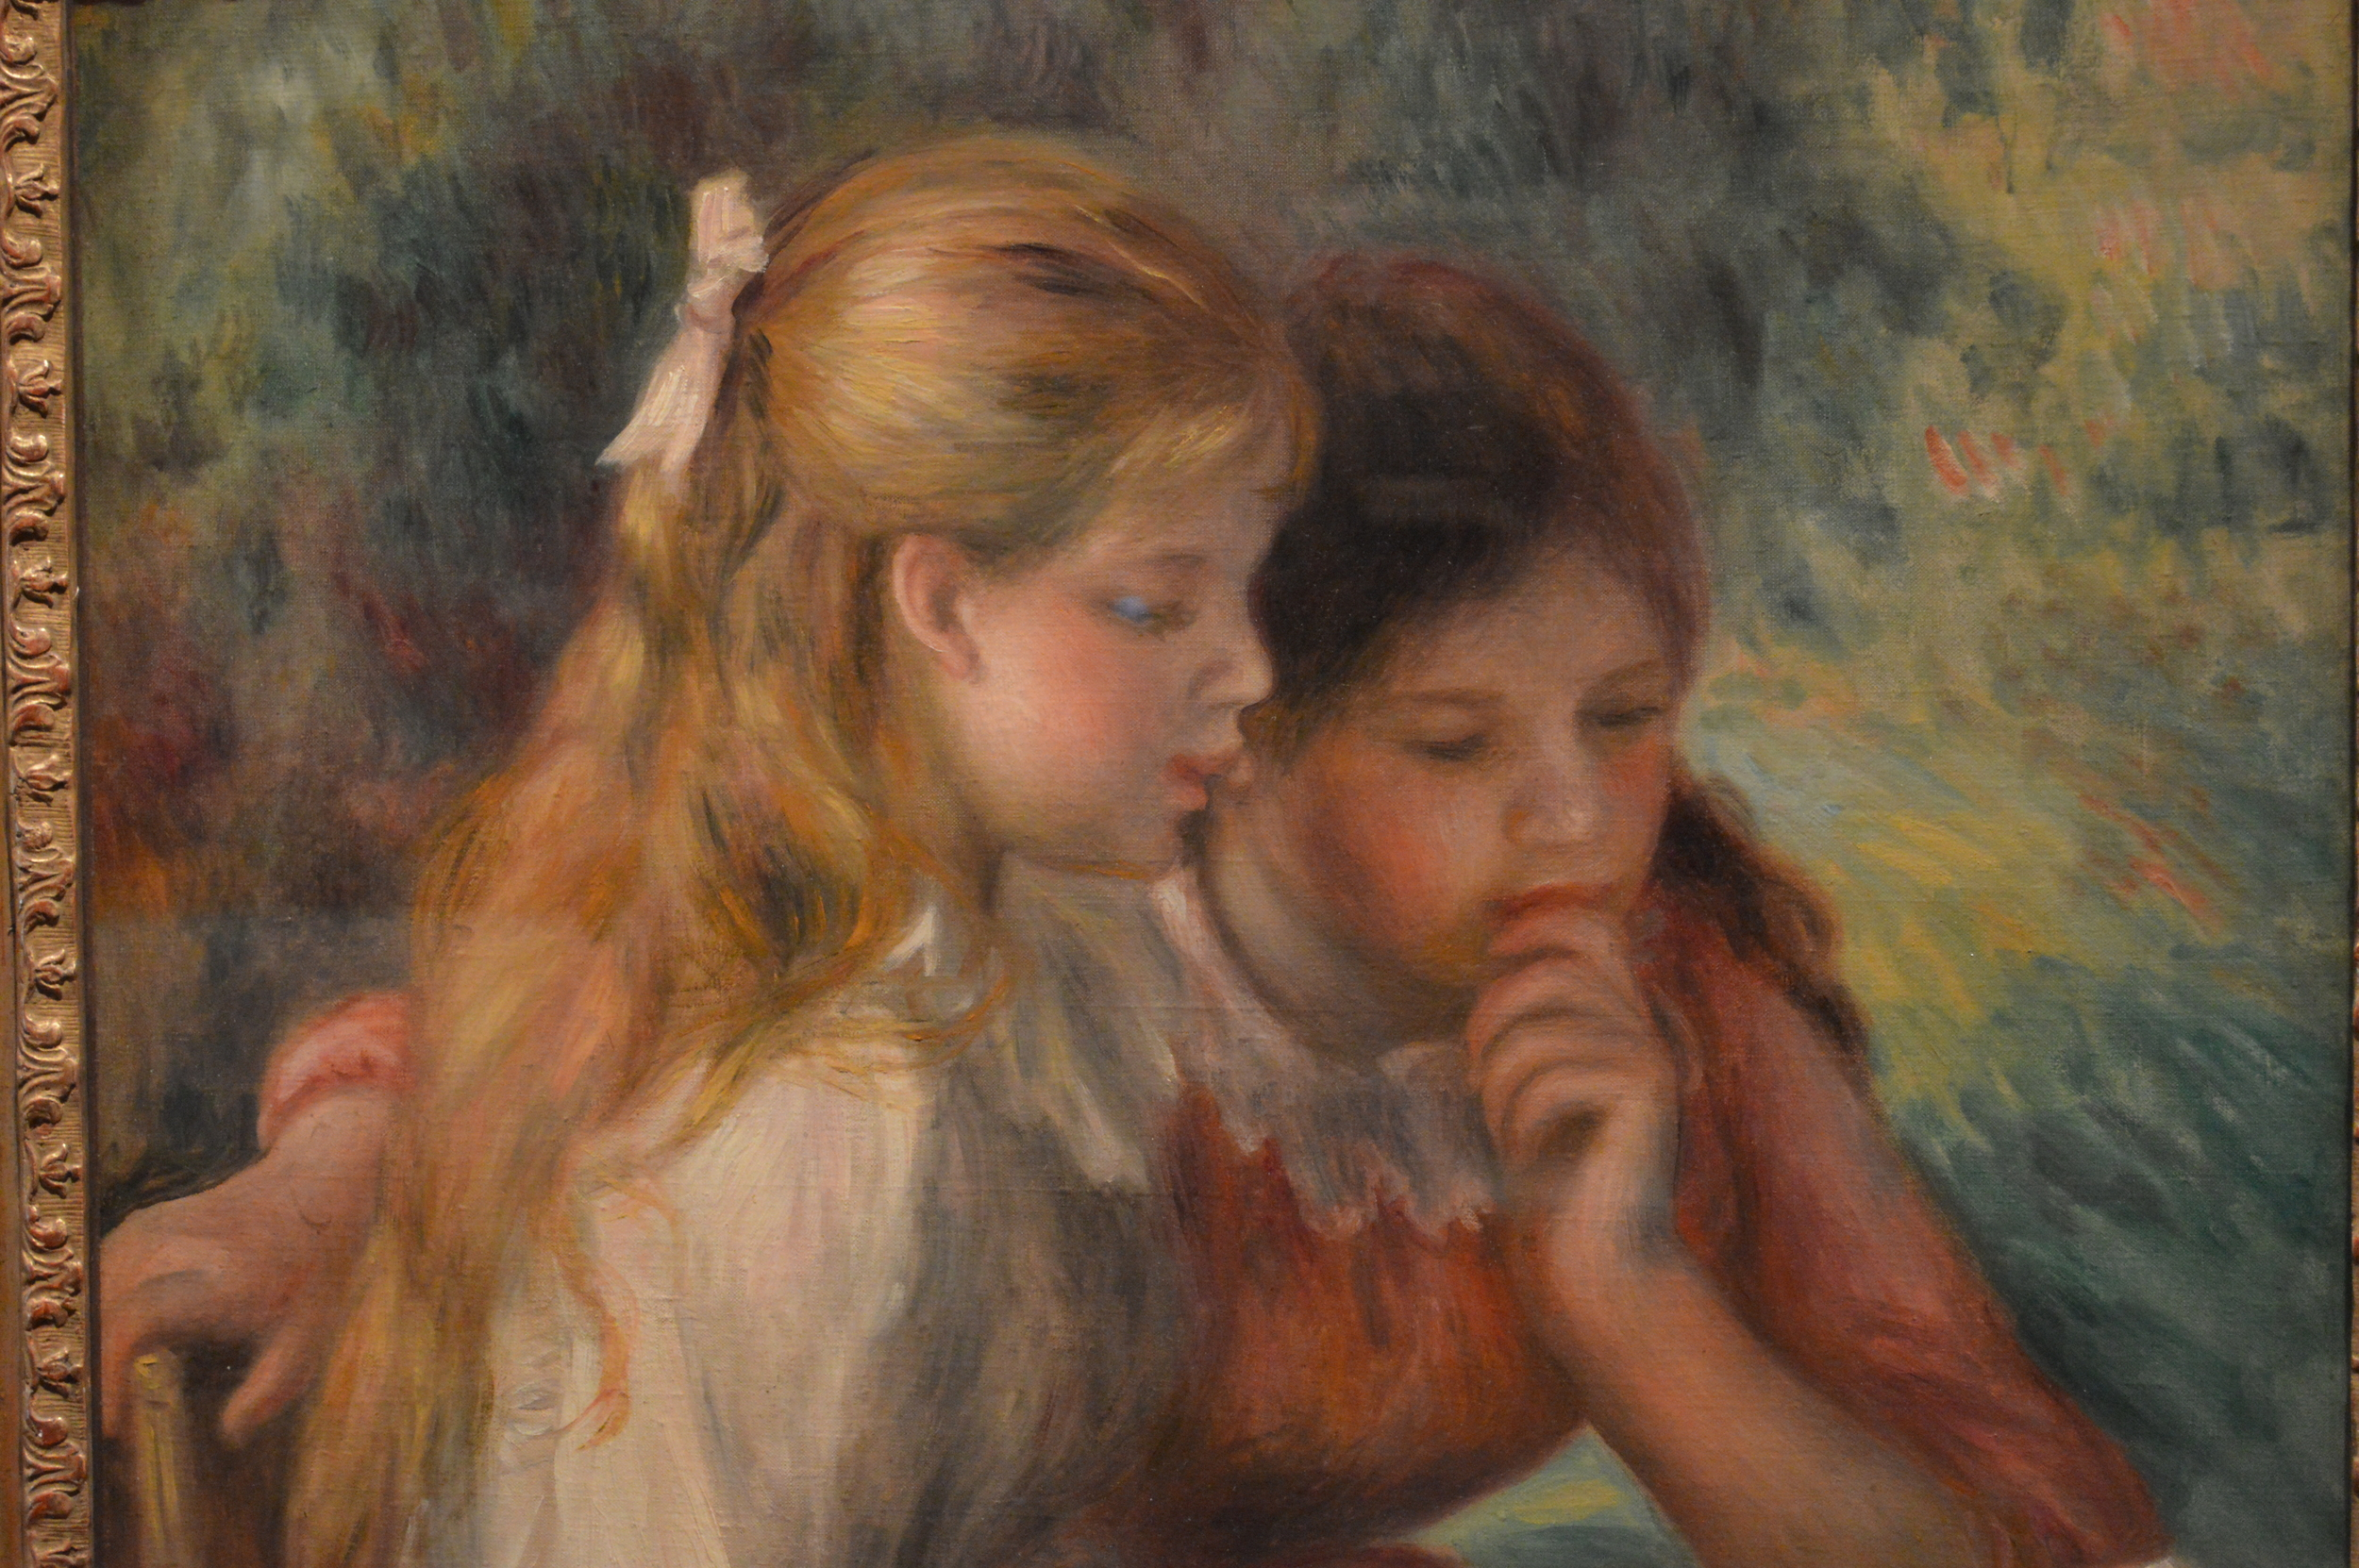 Renoir Two Girls painting.JPG